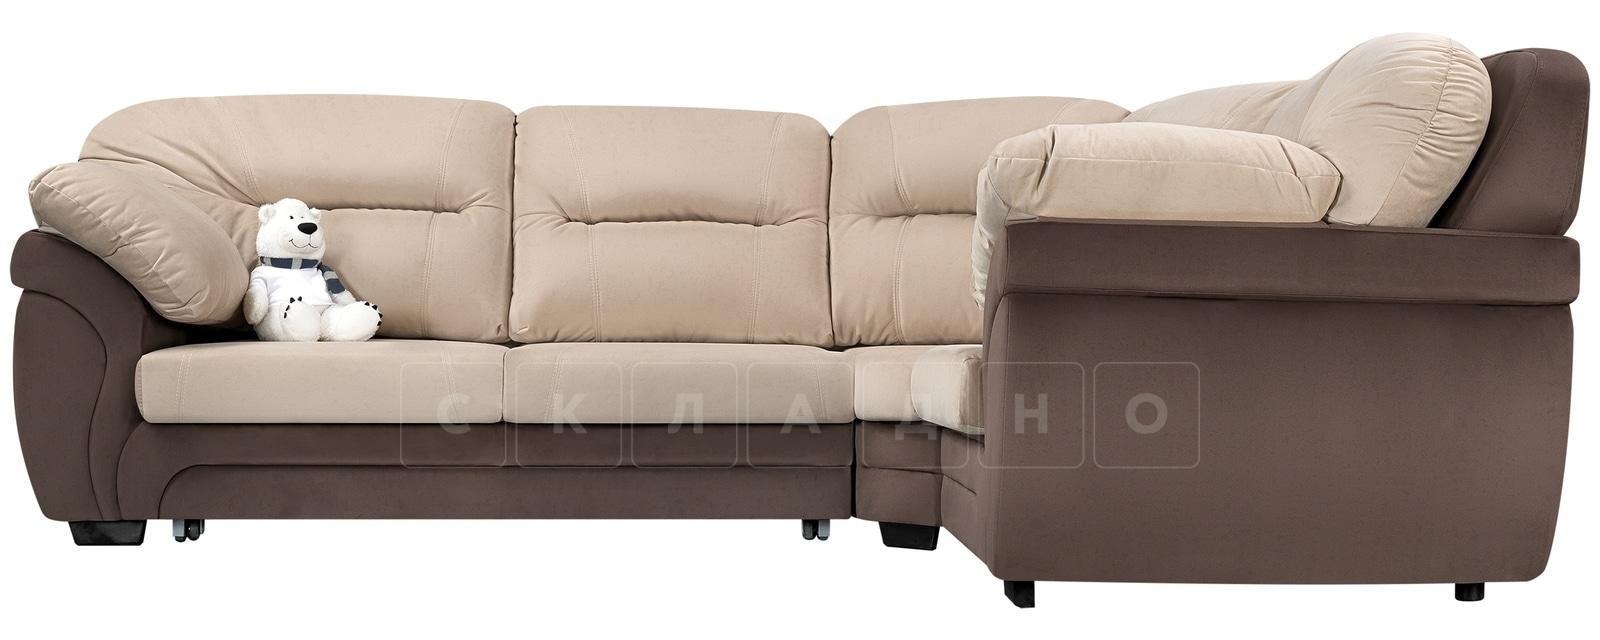 Диван угловой Бристоль велюр бежевый с коричневым правый угол фото 2 | интернет-магазин Складно